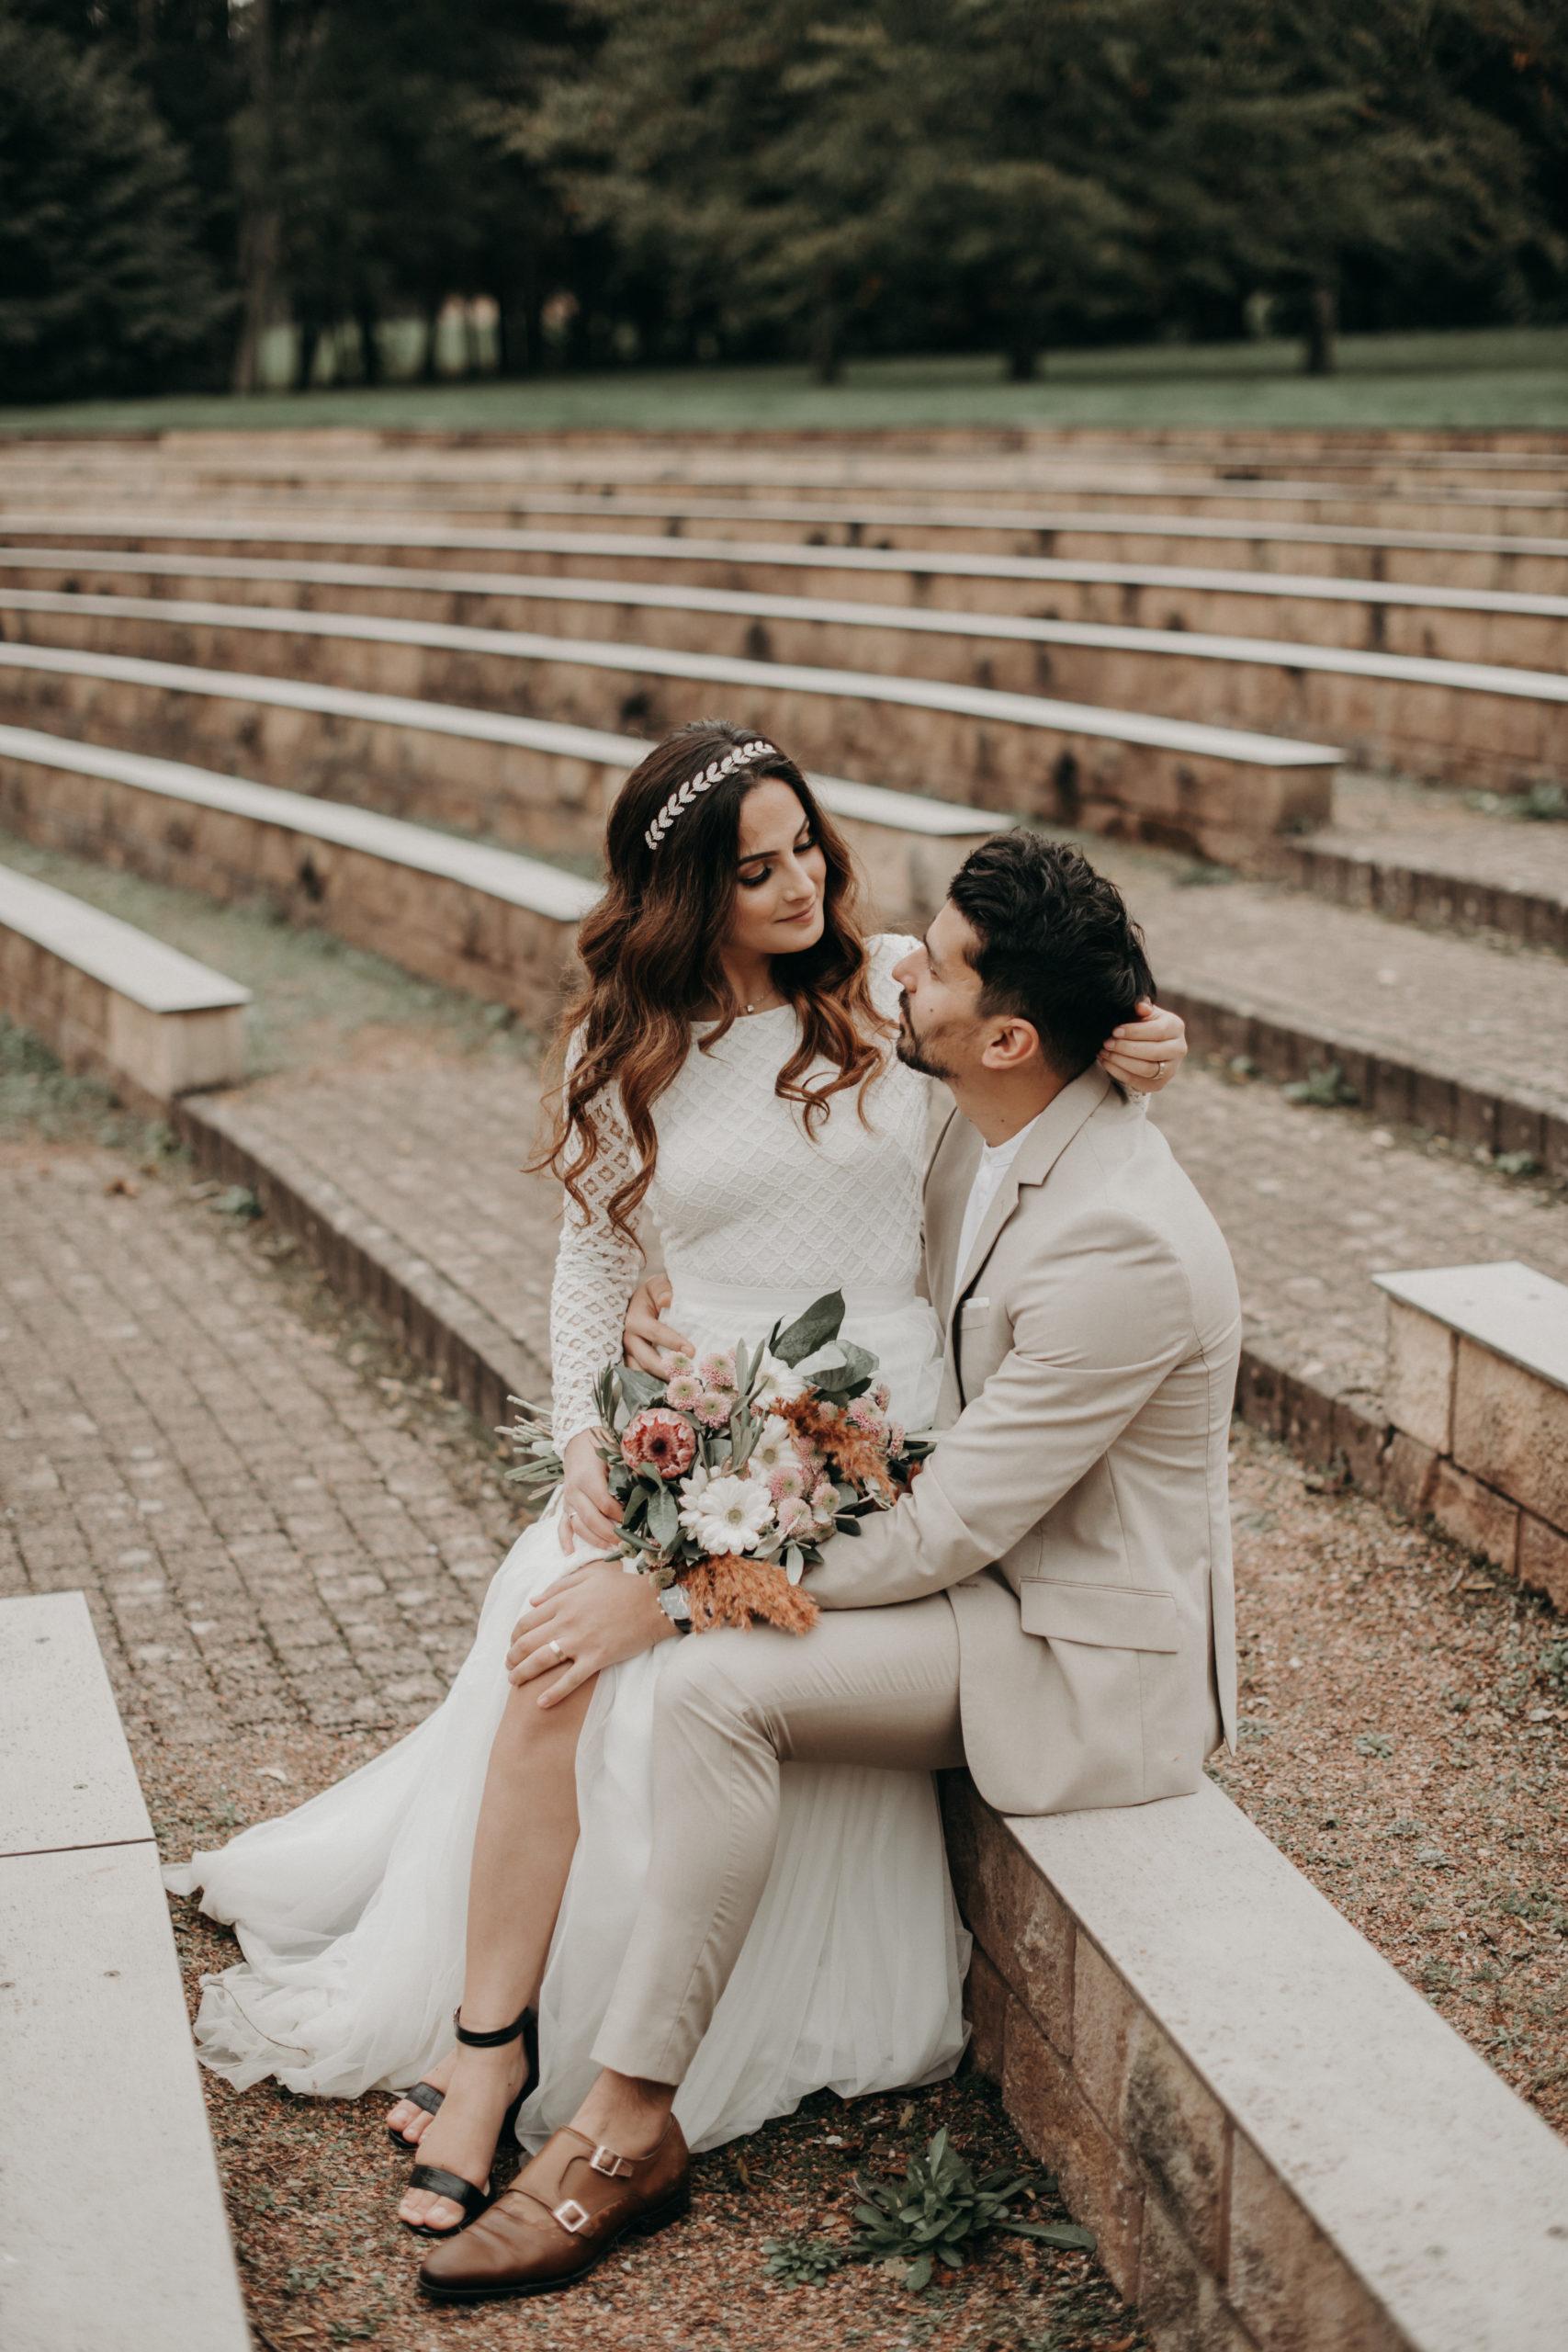 Styled Outdoor-Shoot mit Modelpärchen. Braut mit langärmeligem Top aus geometrischer Spitze und langem weißem Rock, korallenfarbigem Brautstrauss und Tiara. Bräutigam-Model mit hellem Anzug und Henley Shirt, auf Treppe sitzend